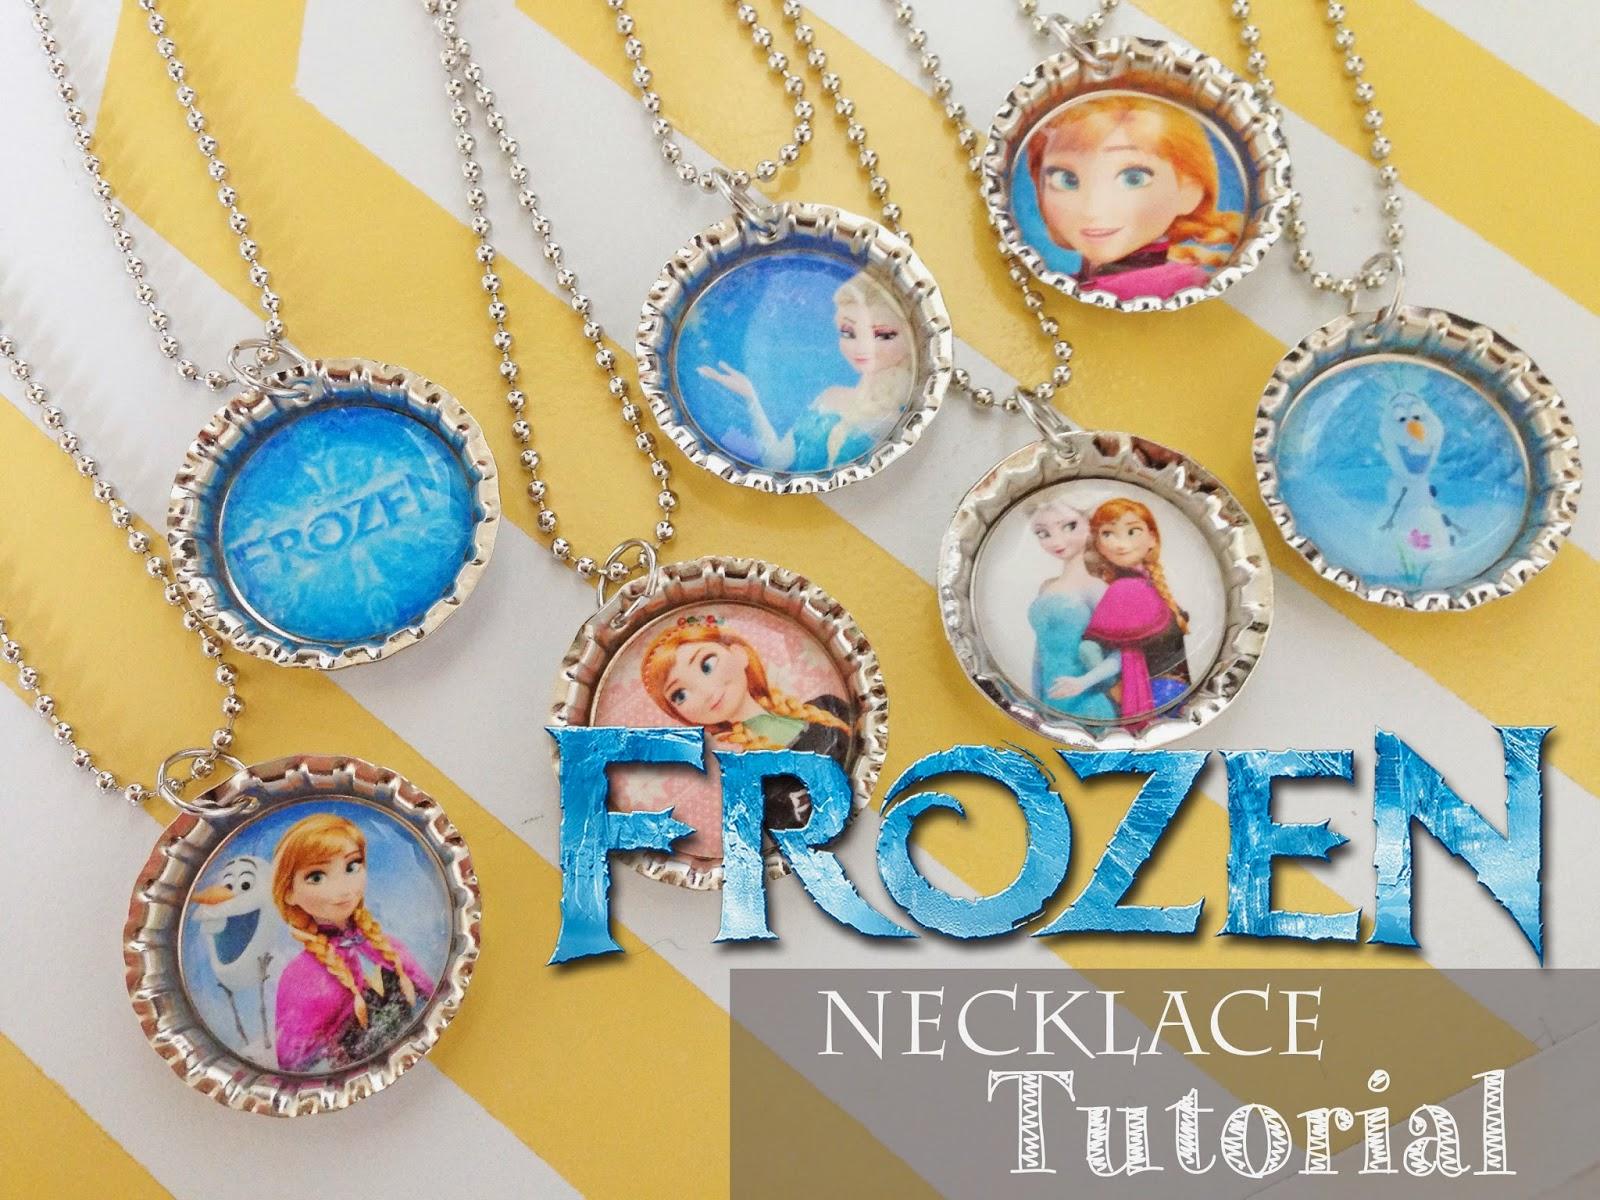 http://4.bp.blogspot.com/-MJ4rnar7_ro/U9AFeYYZiMI/AAAAAAAAFvM/PPHNvlqvBKc/s1600/frozen+cover+pic.jpg